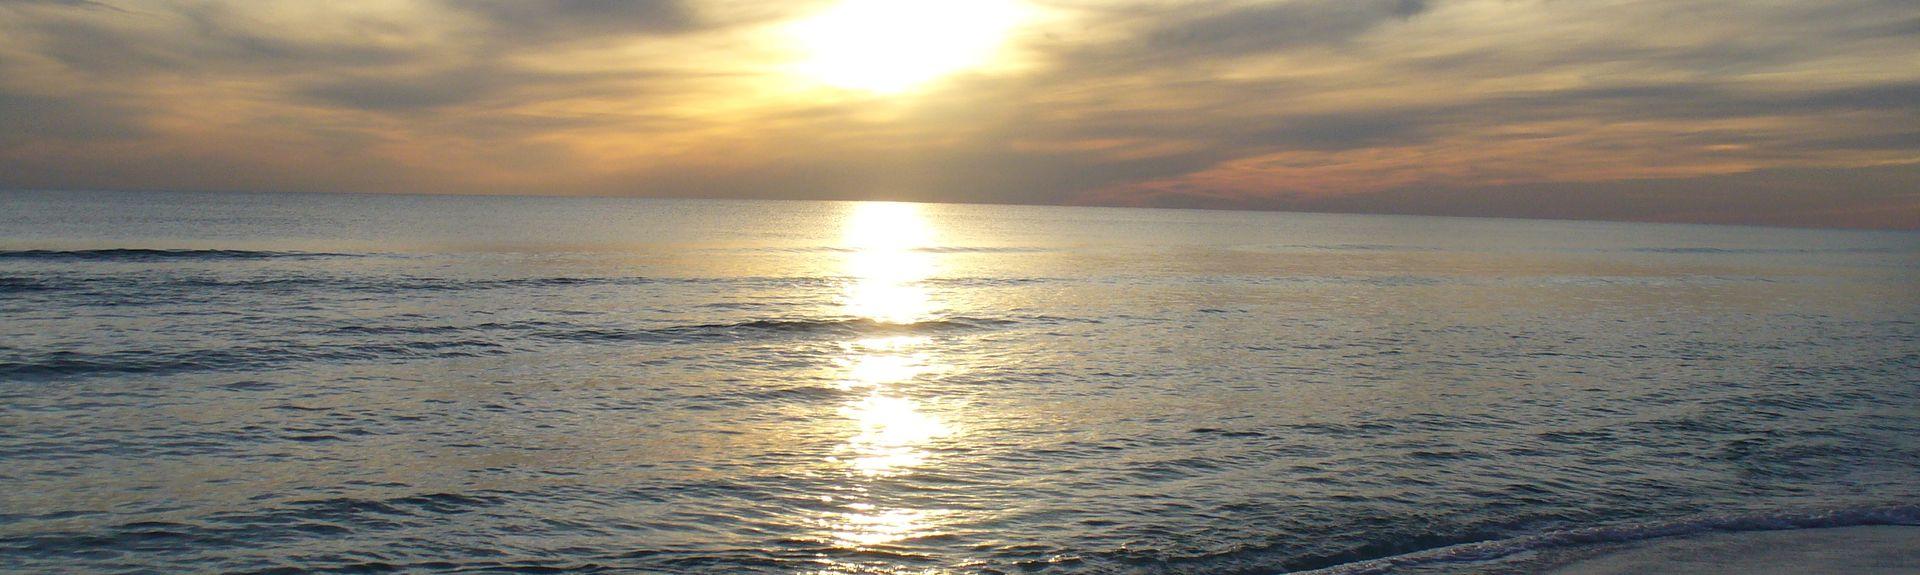 Ciboney (Miramar Beach, Florida, Estados Unidos)